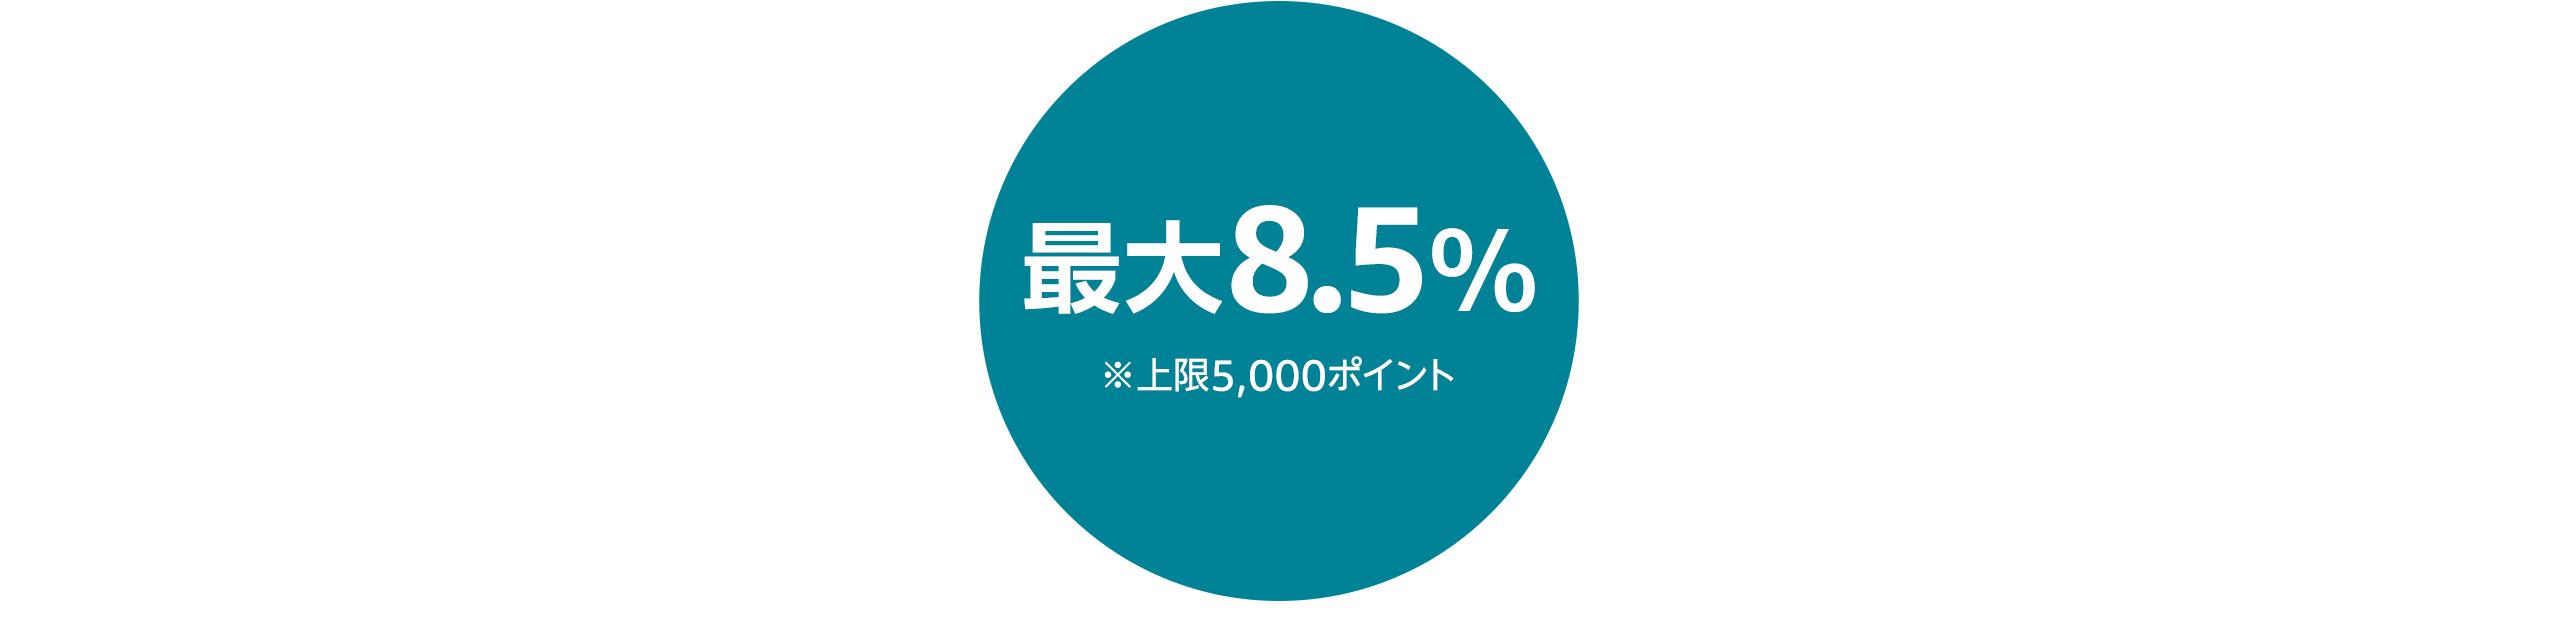 最大8.5%